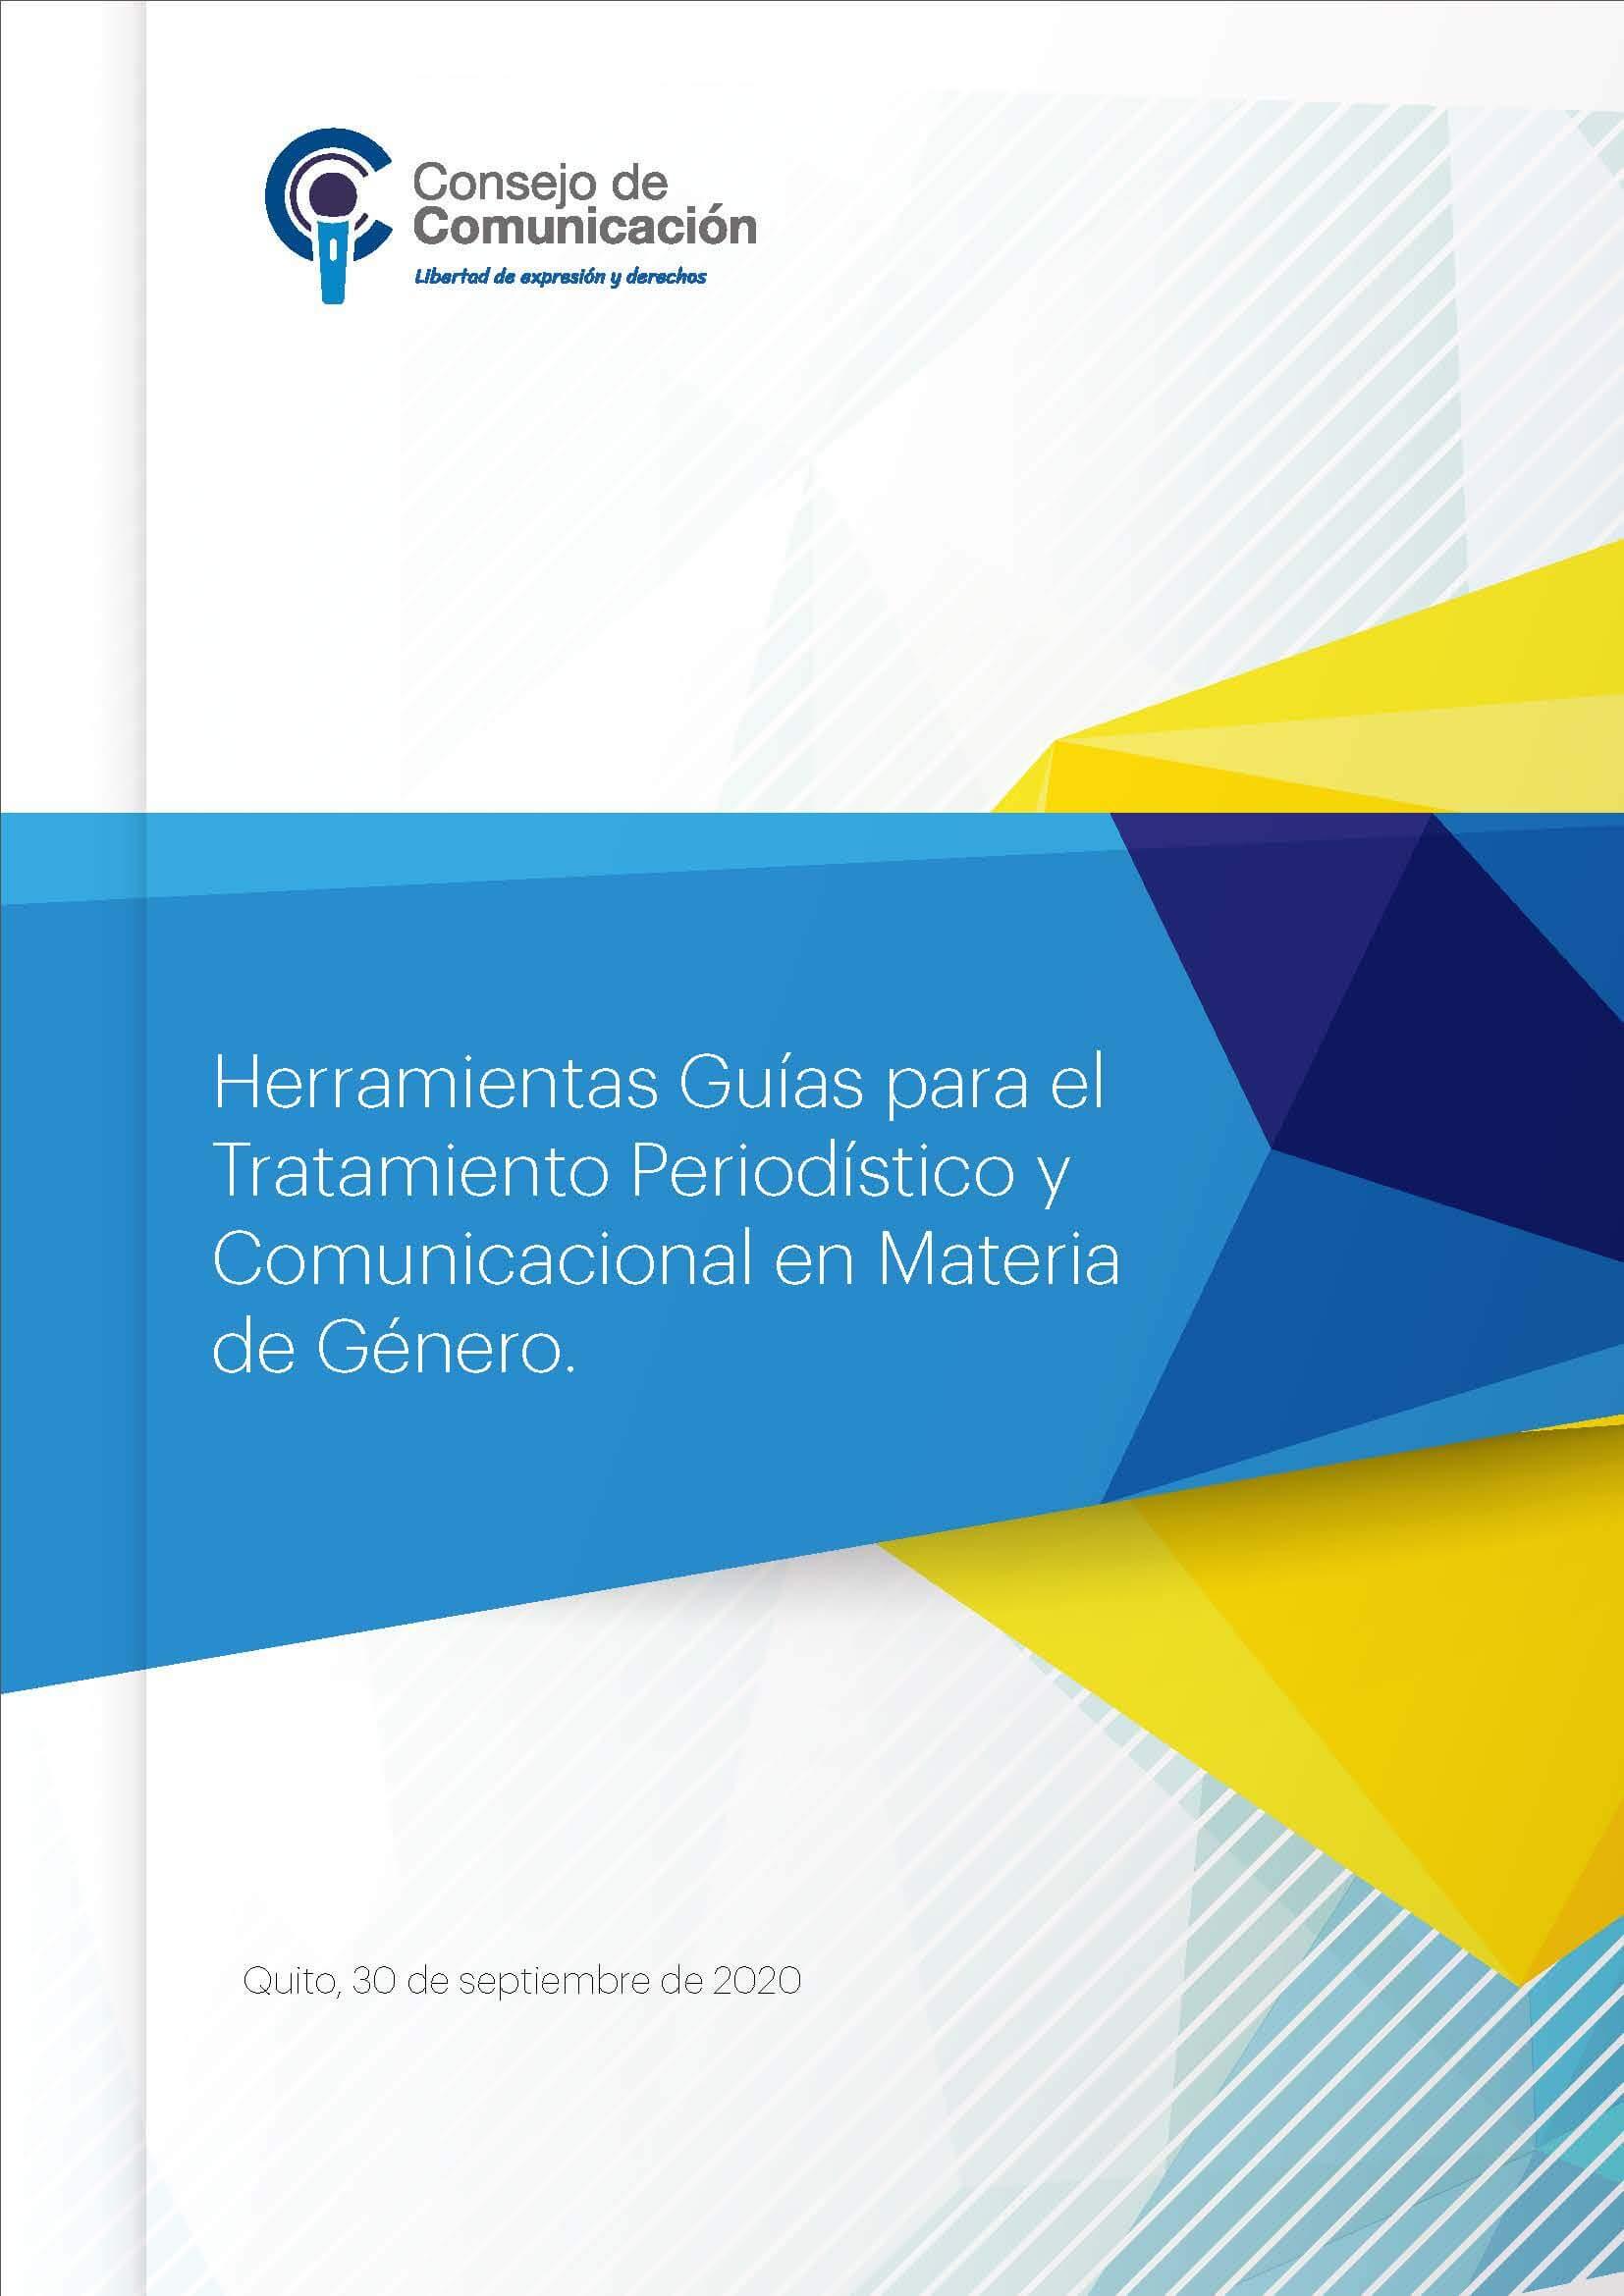 Herramientas Guías para el Tratamiento Periodístico y Comunicacional en Materia de Género